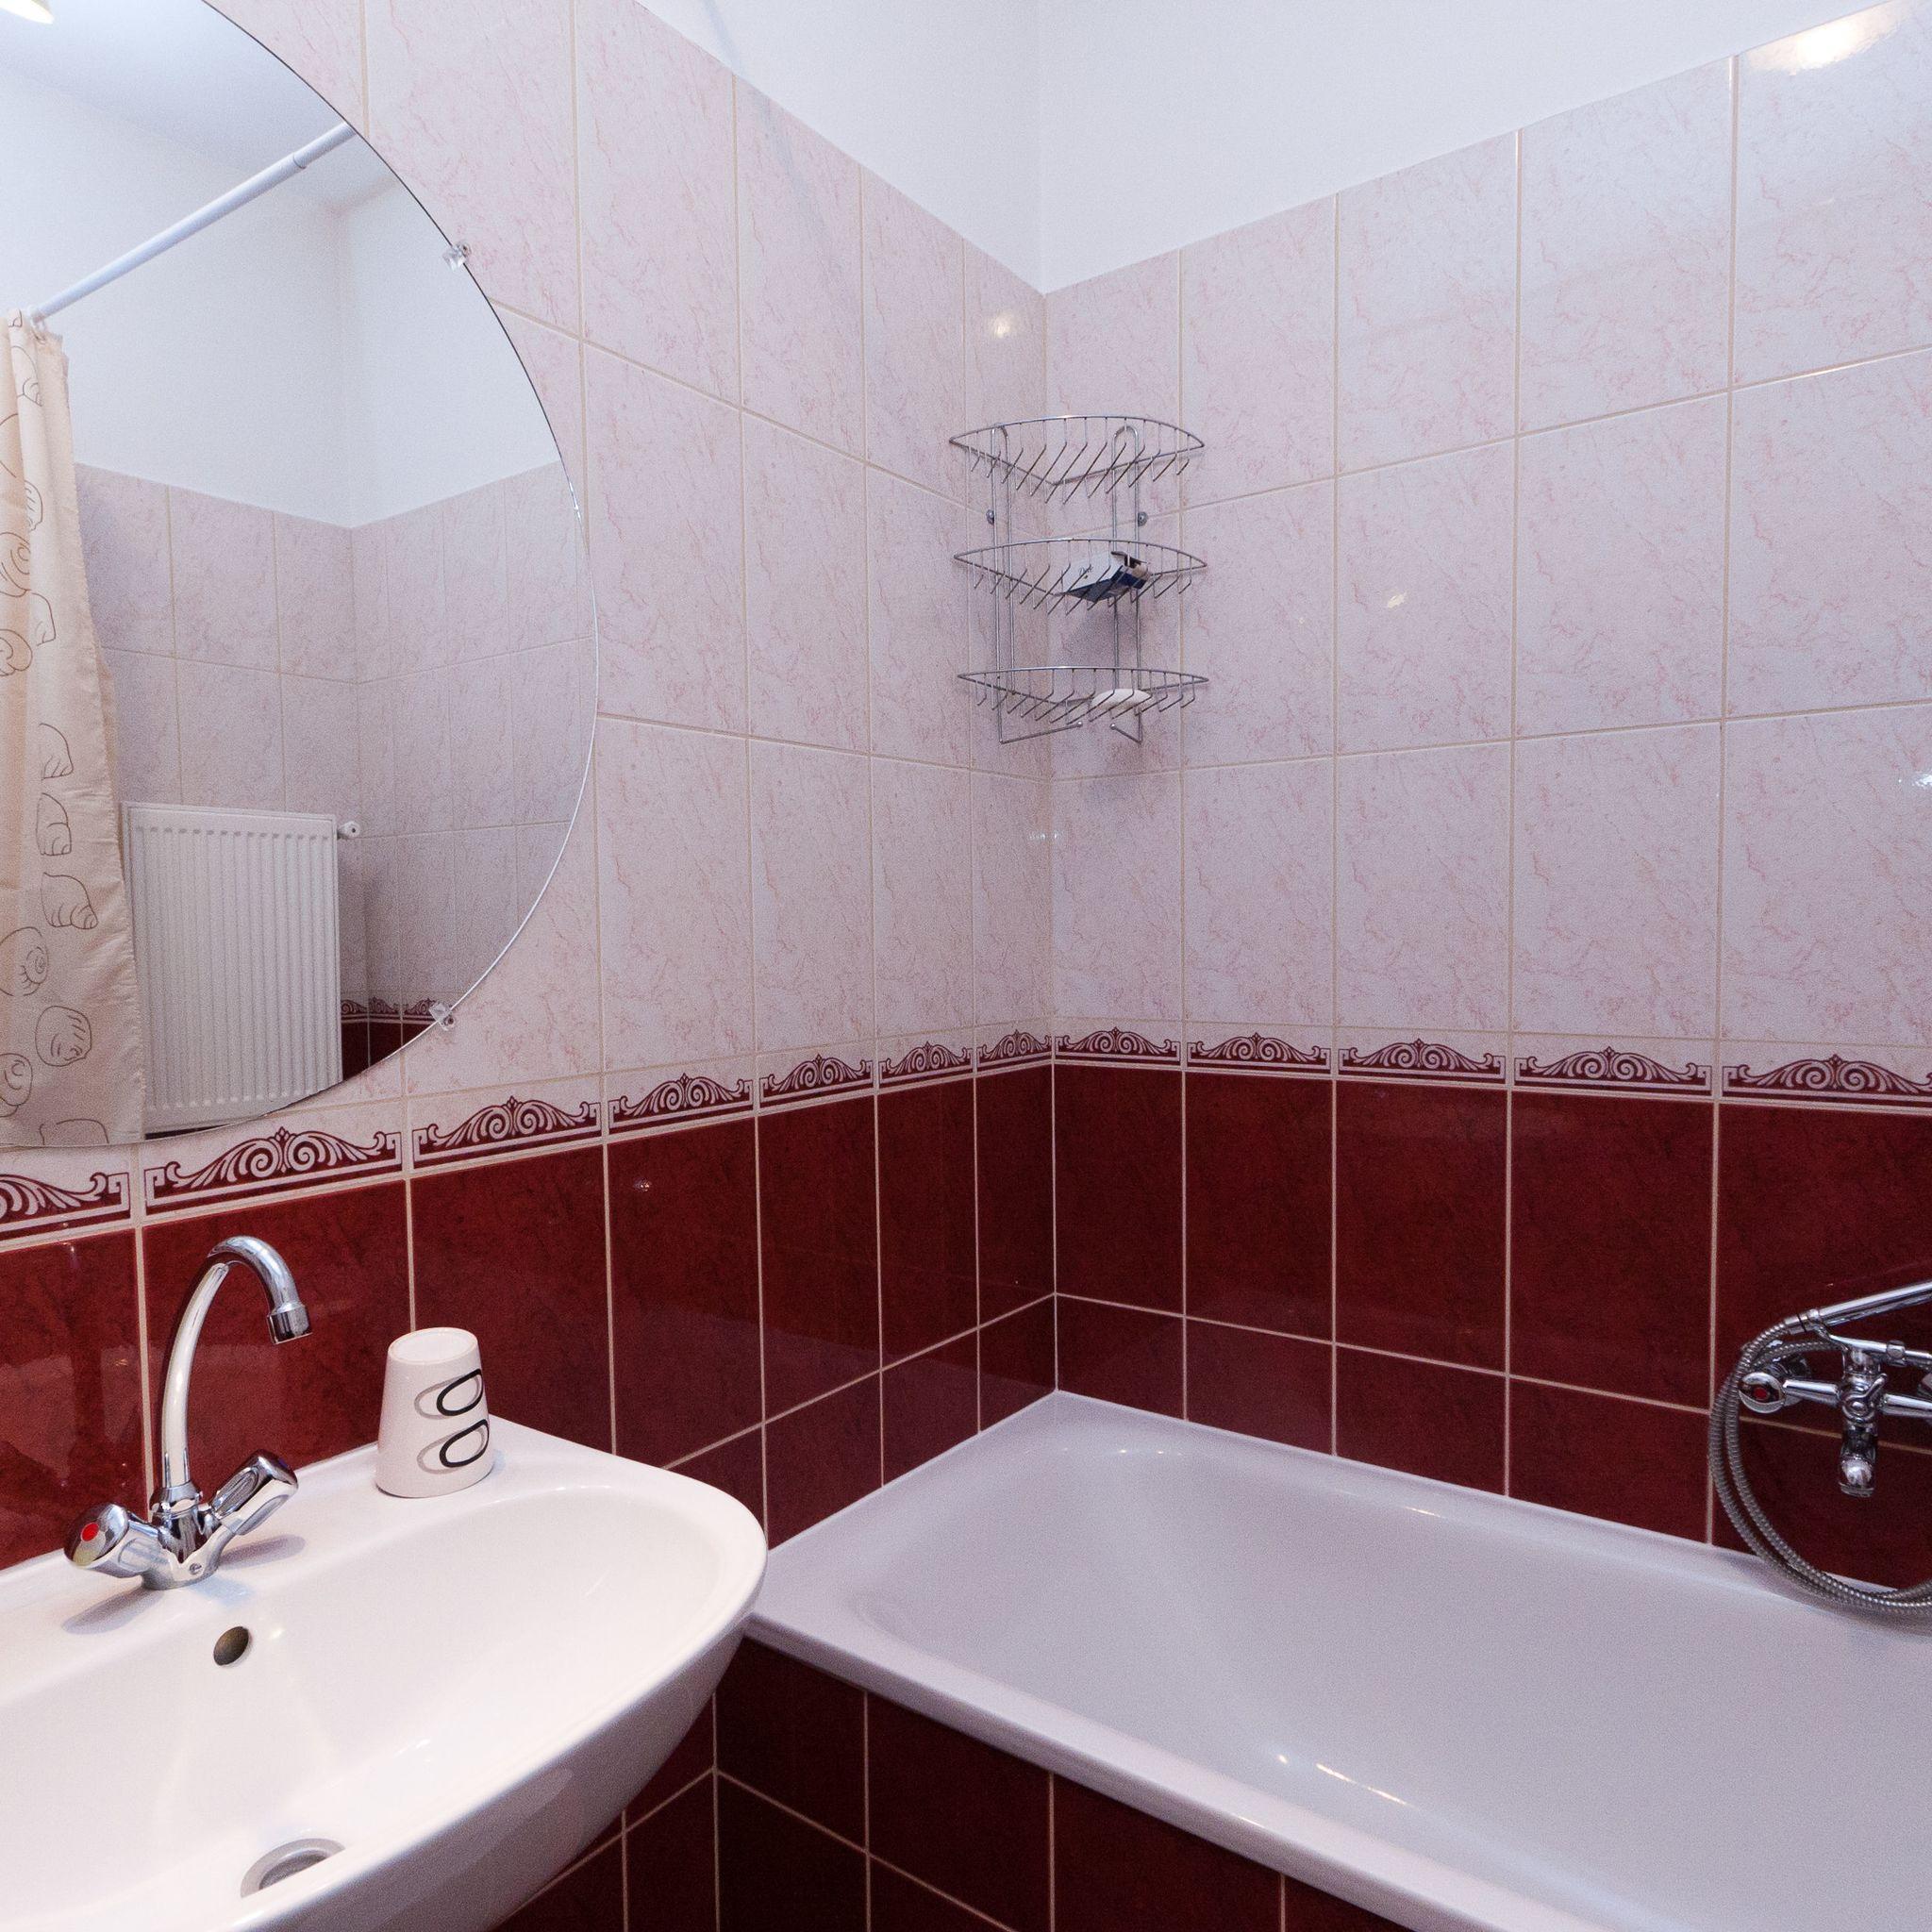 Zoli Bathroom Fixtures zoli apartman hajdúszoboszló - revngo